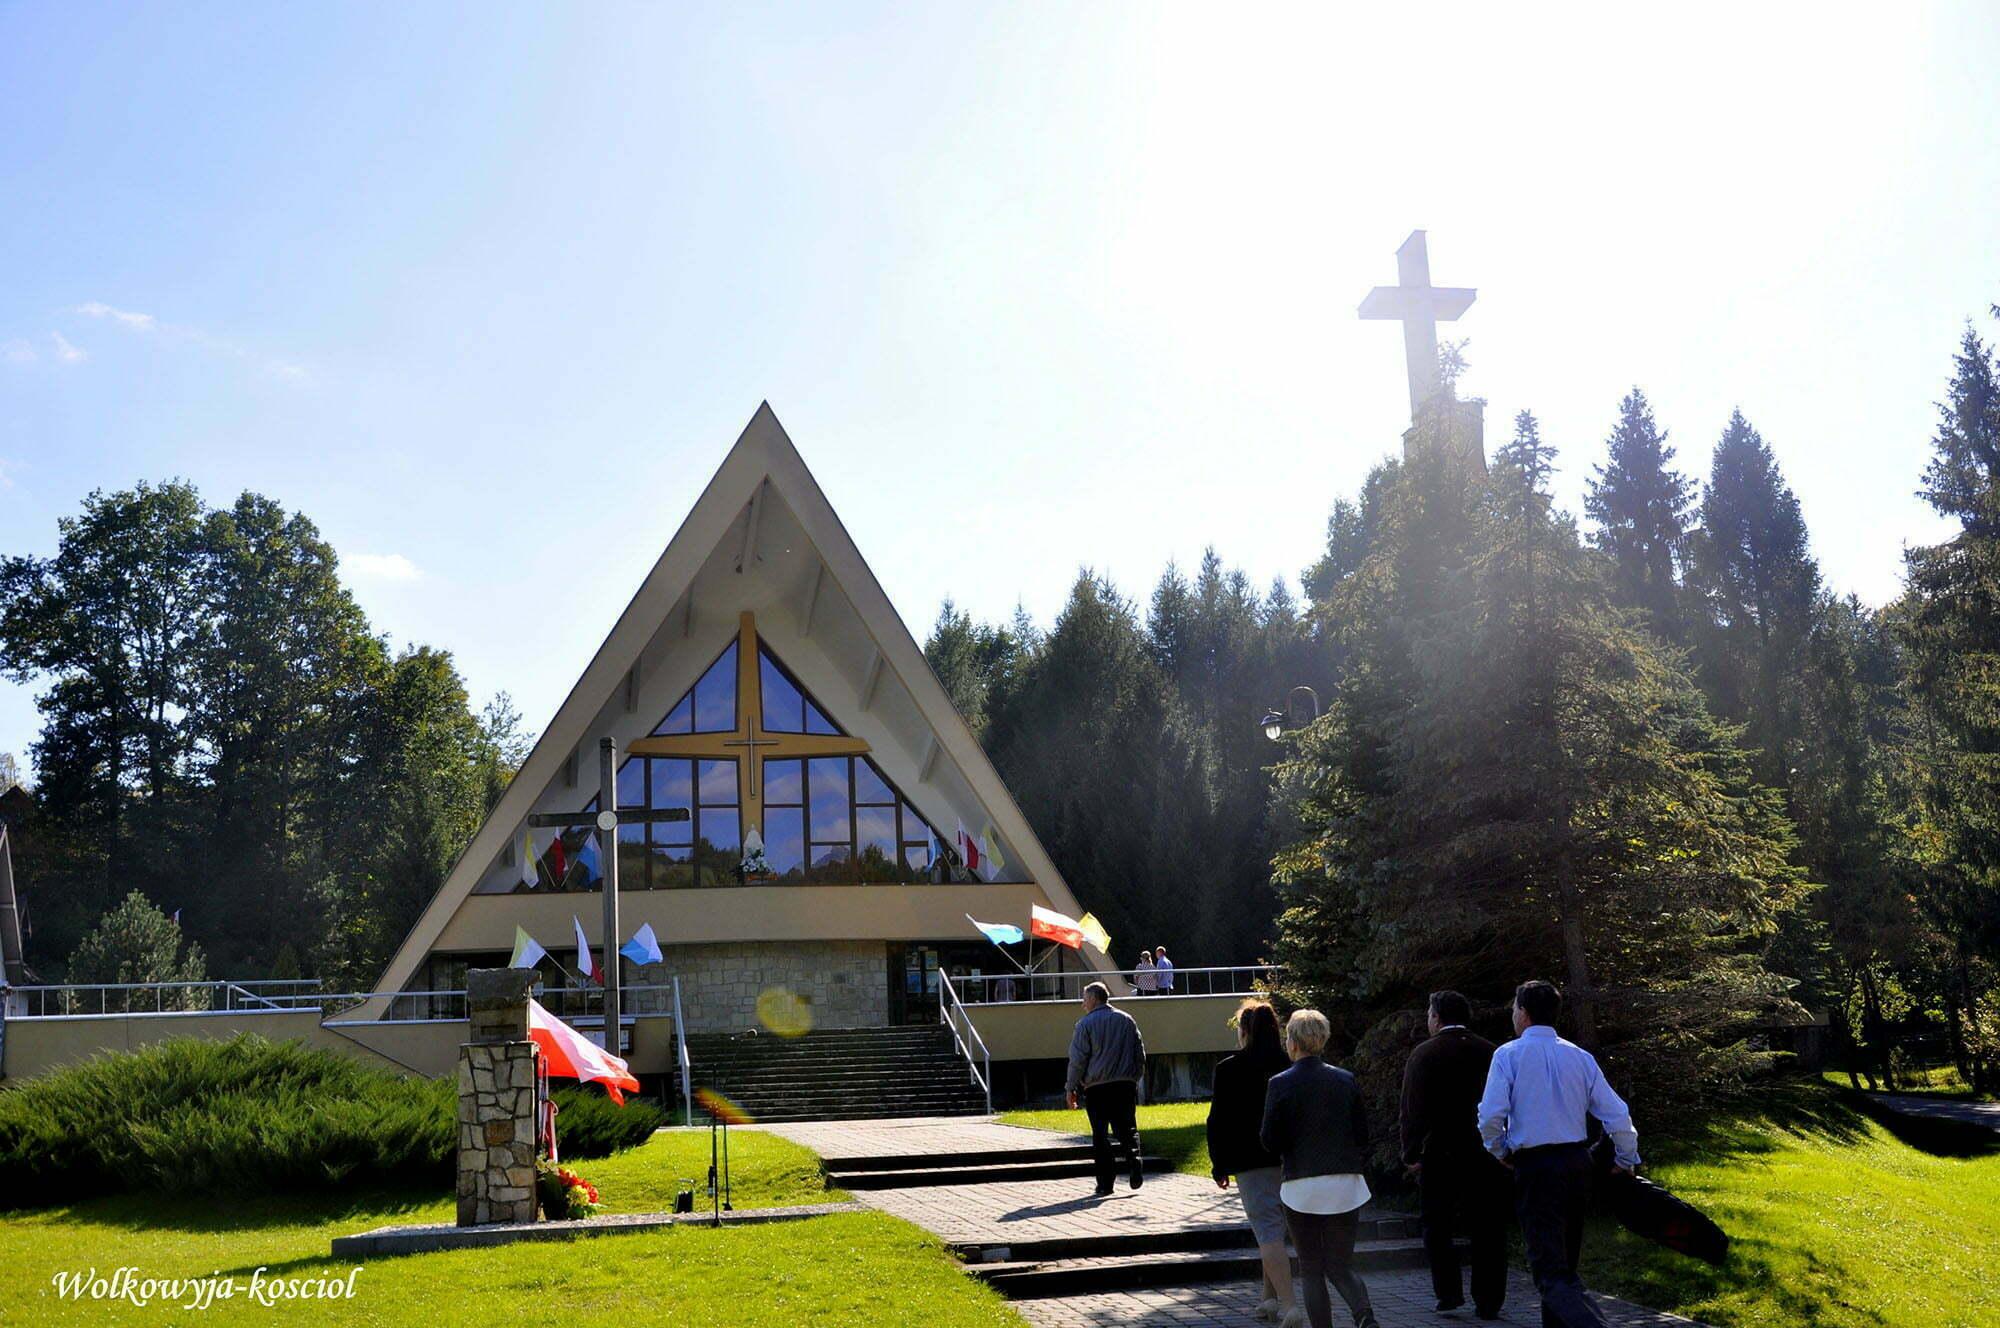 Kościół - Wołkowyja  / fot. Lidia Tul-Chmielewska